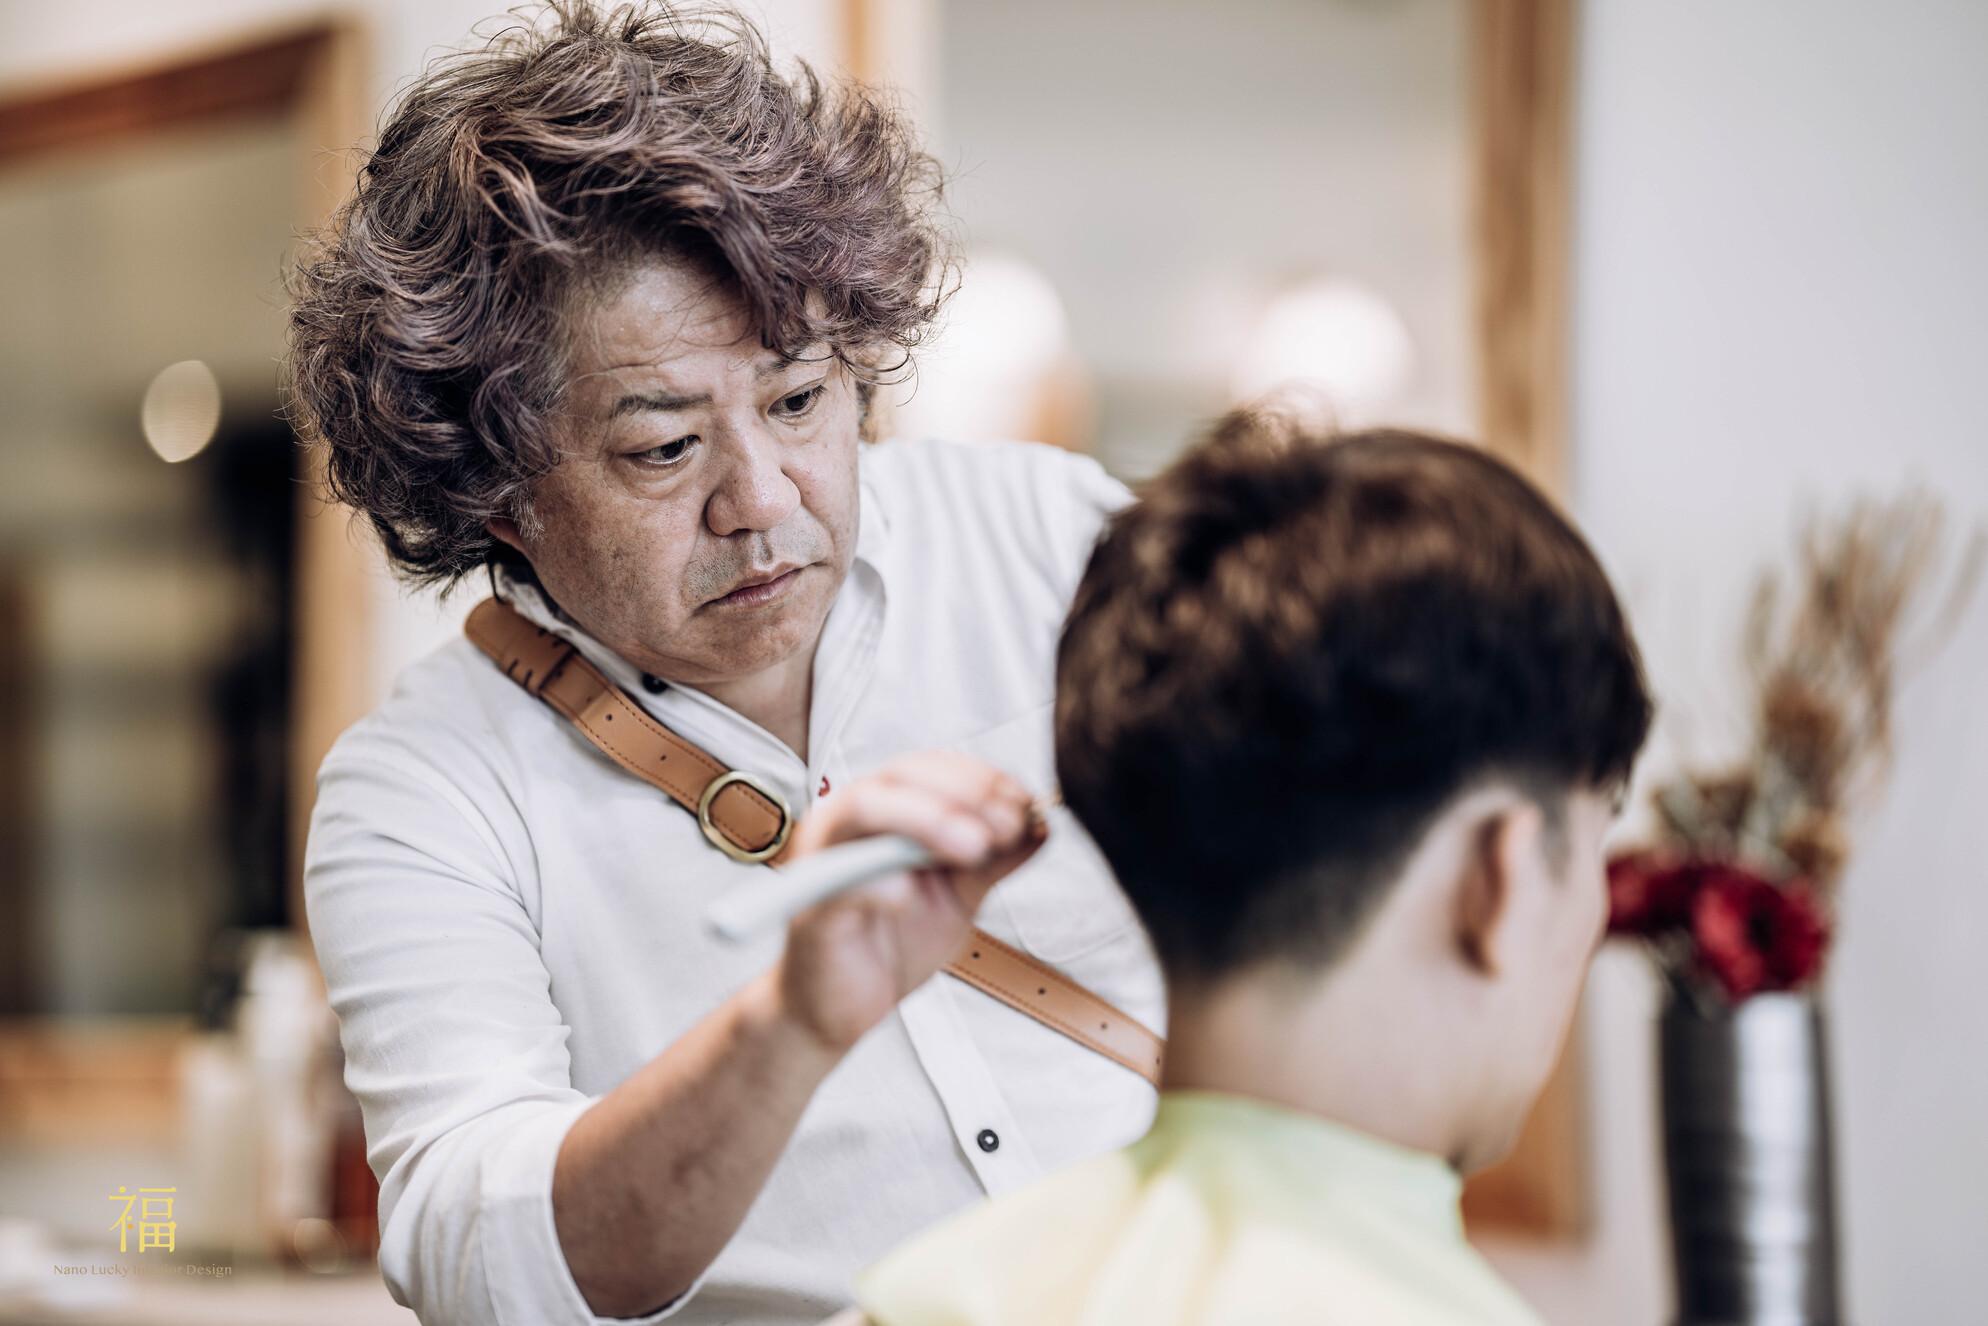 09嘉義太保日系髮廊lislushairsalonstory-純正日式手藝美髮沙龍2|小福砌商業美髮沙龍空間設計